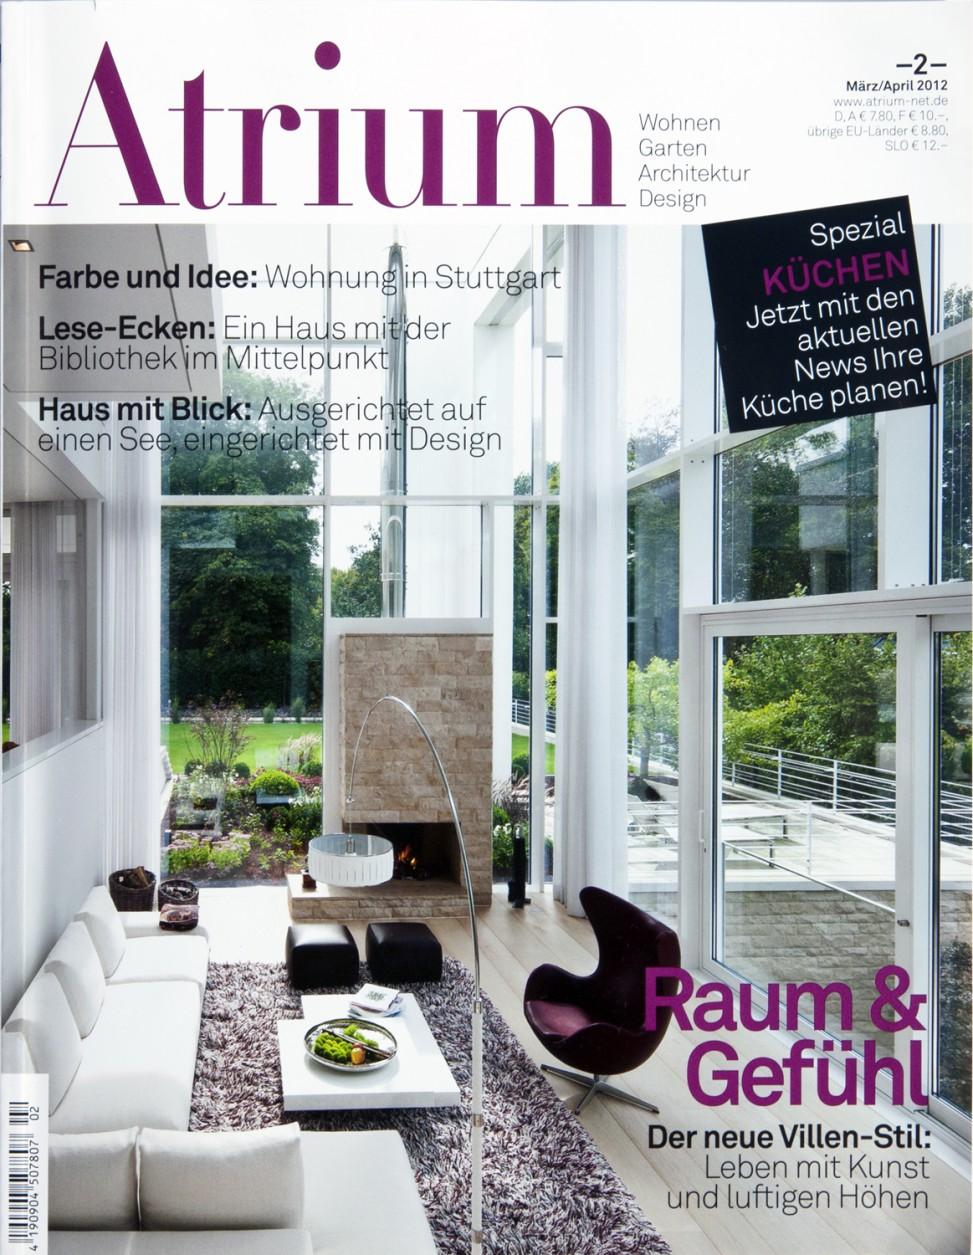 061  Wohnreportage für Atrium